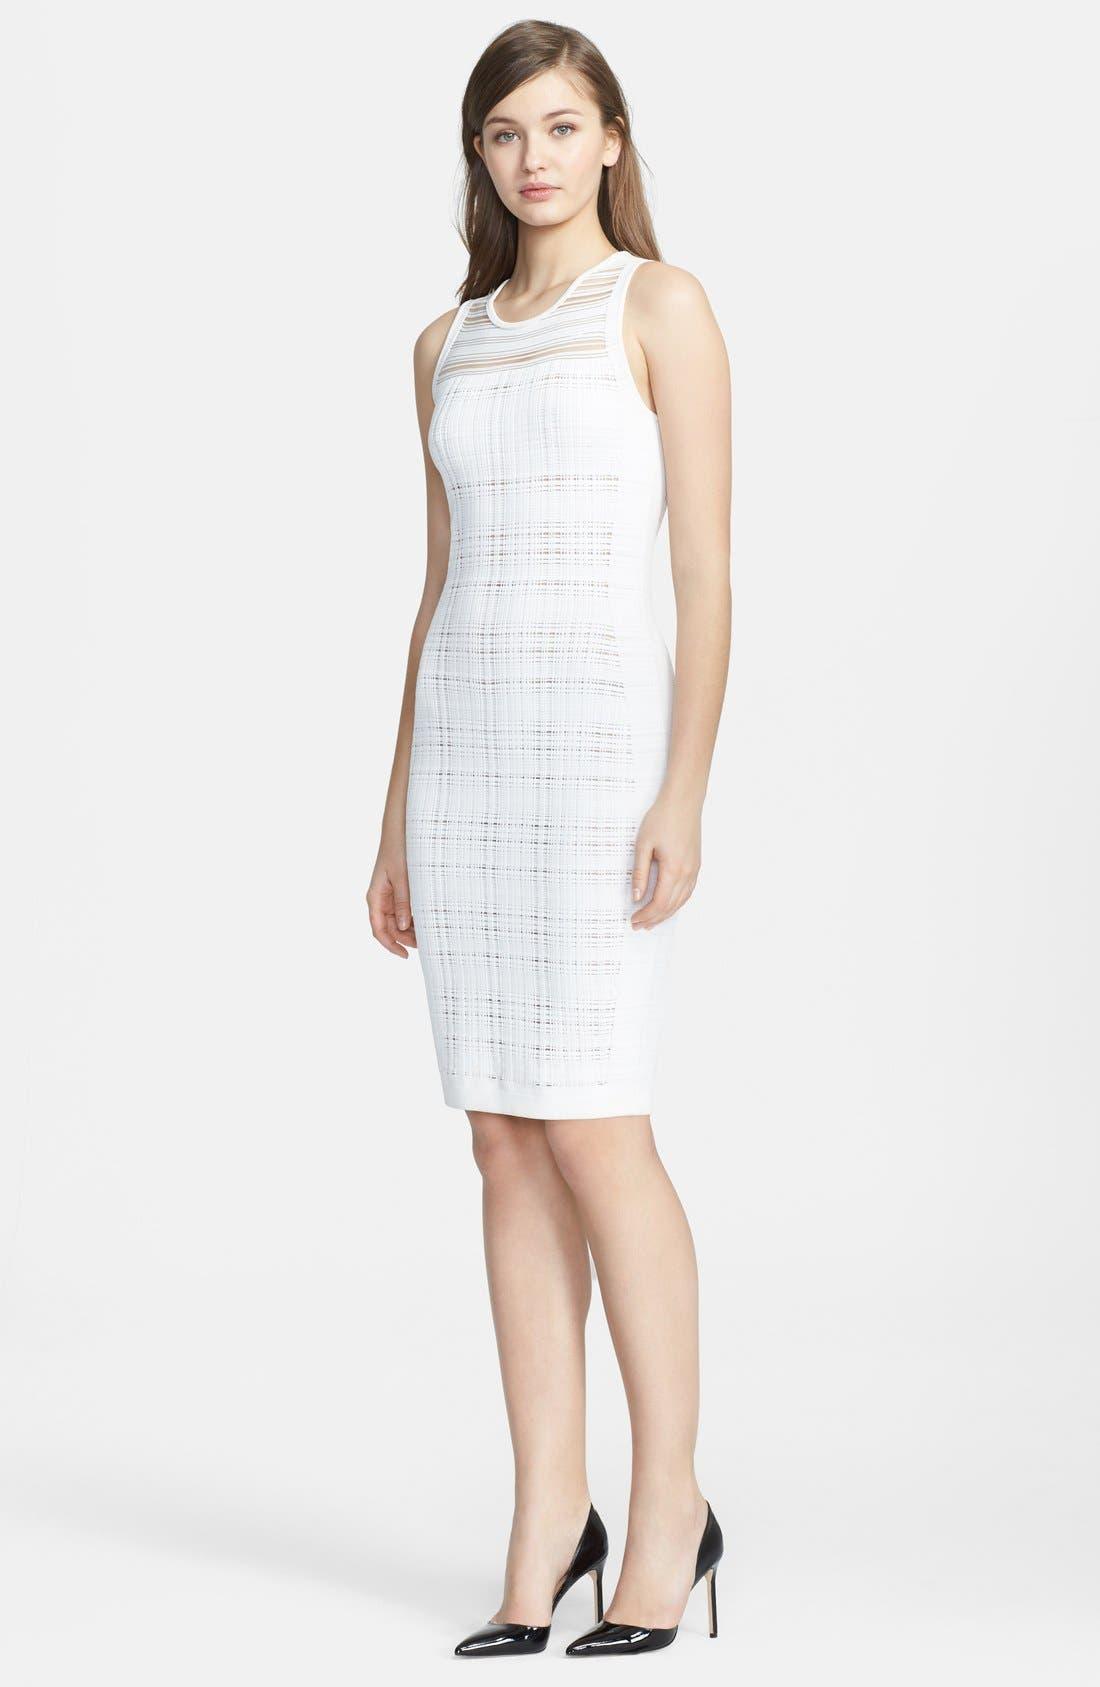 Alternate Image 1 Selected - Narciso Rodriguez Illusion Sheath Dress